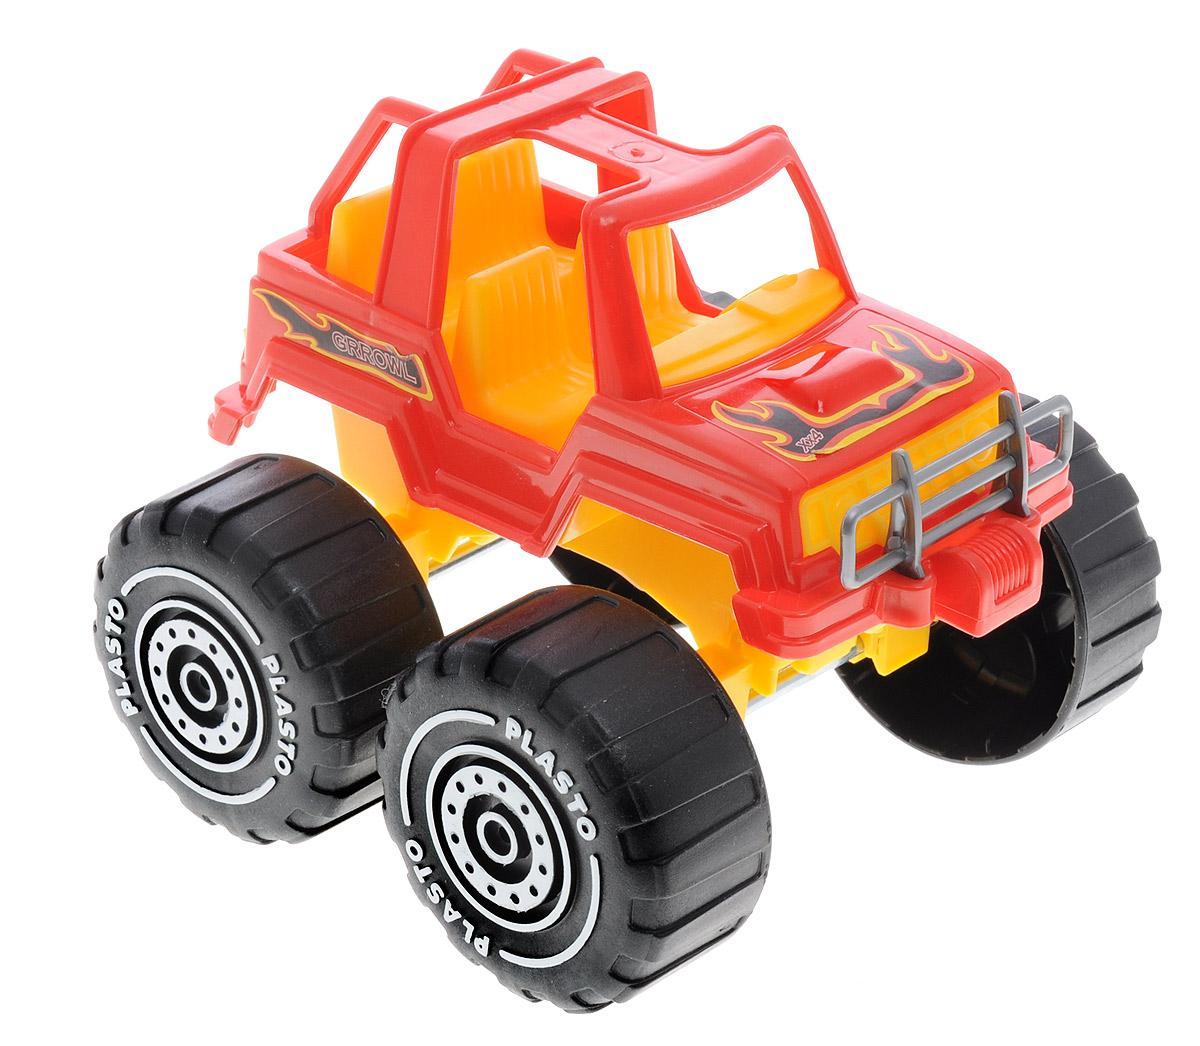 Plasto Внедорожник Биг-Фут цвет красный1609_красныйВнедорожник Plasto Биг-Фут привлечет внимание вашего ребенка и не позволит ему скучать. Он выполнен из прочного пластика очень высоко качества. Благодаря открытому кузову в него легко помещать человечков или зверюшек, чтобы покатать их. Широкие колеса выполнены из рифленого пластика, чтобы легче преодолевать препятствия и не увязнуть в песочнице. Между кузовом и колесами имеется подвижное соединение, которое позволяет юному водителю проводить маневры по пересеченной местности. Подарите своему ребенку настоящий покоритель бездорожья песочниц и детских комнат!